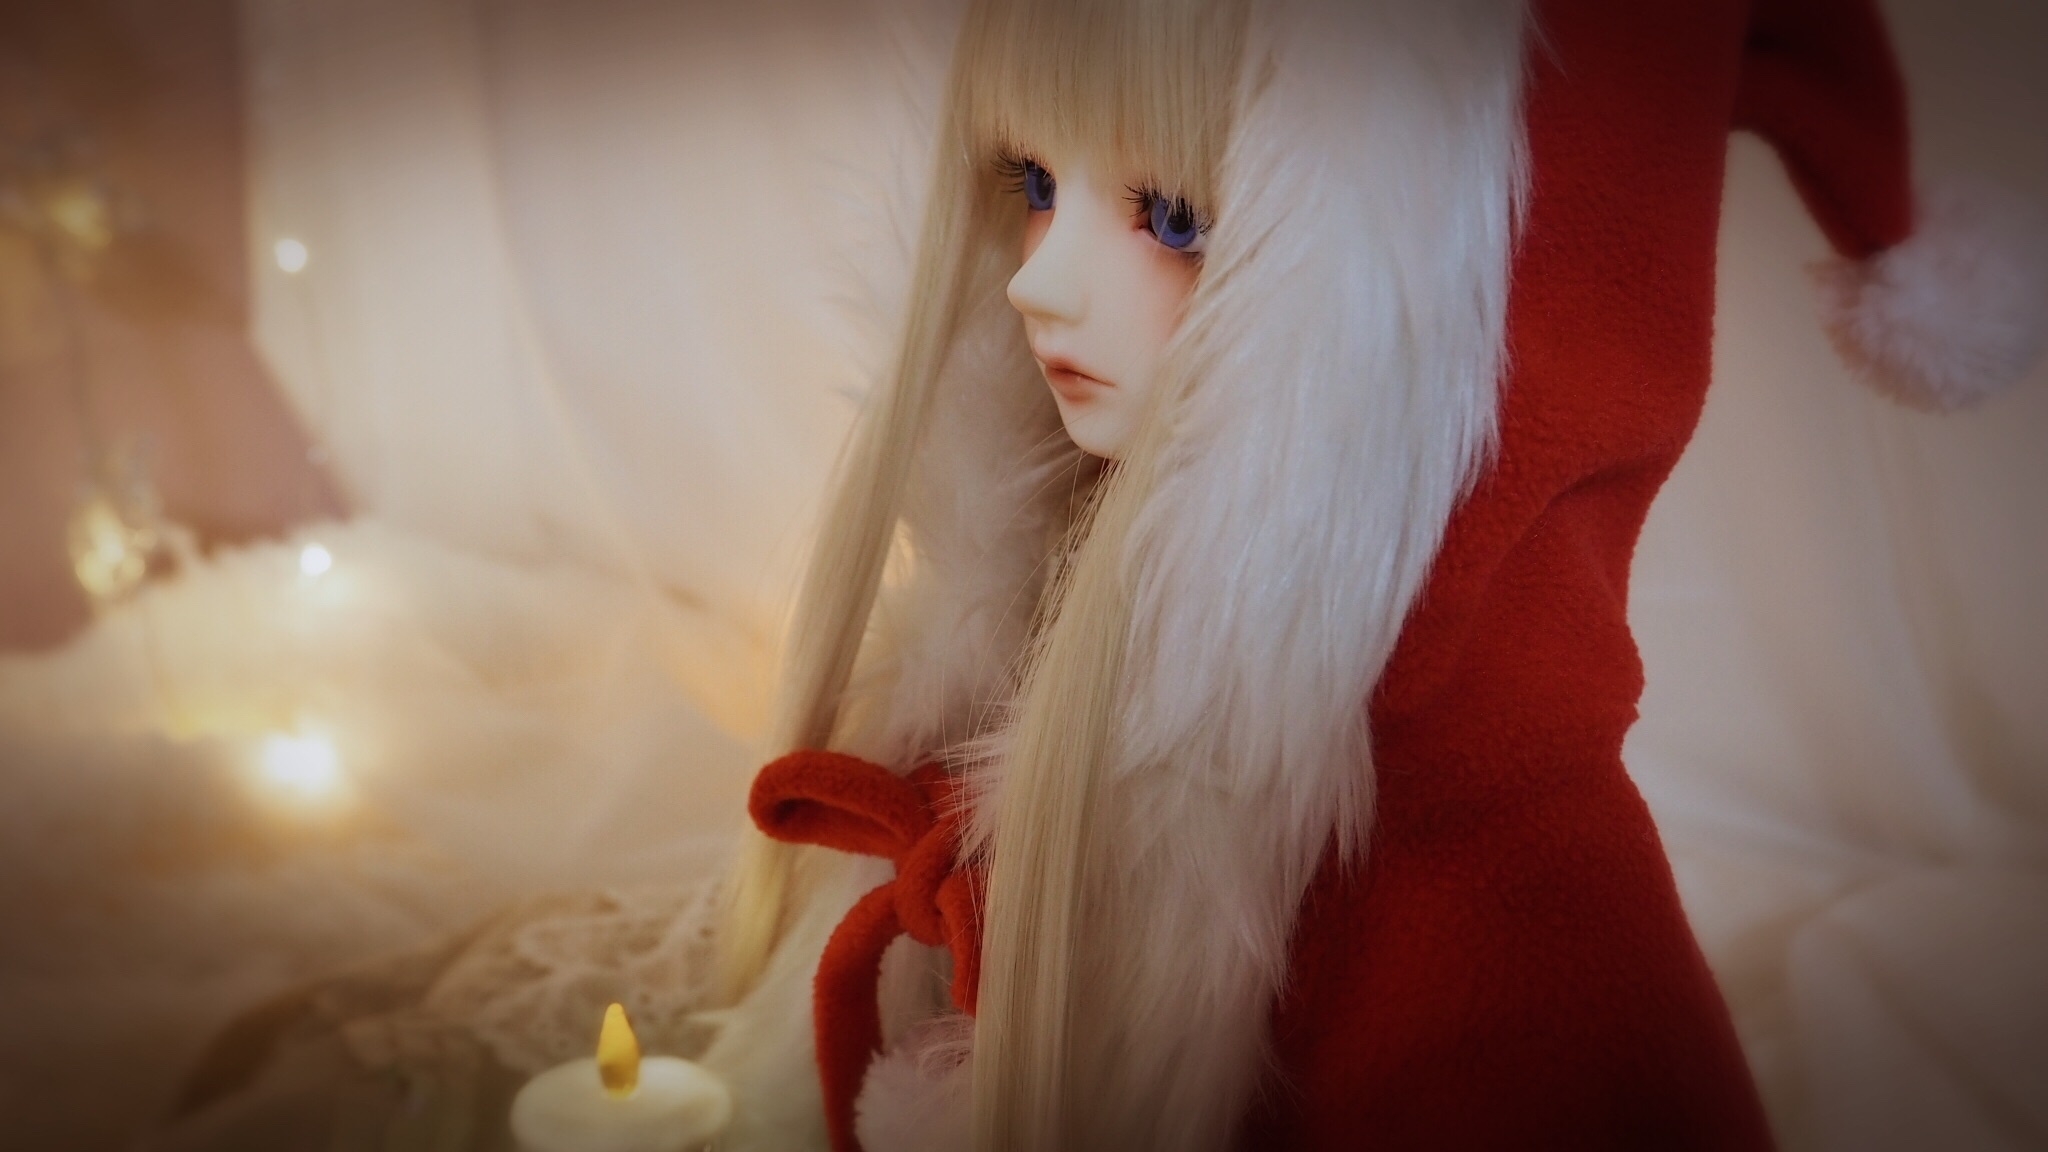 f:id:heemaxx914:20161205170815j:image